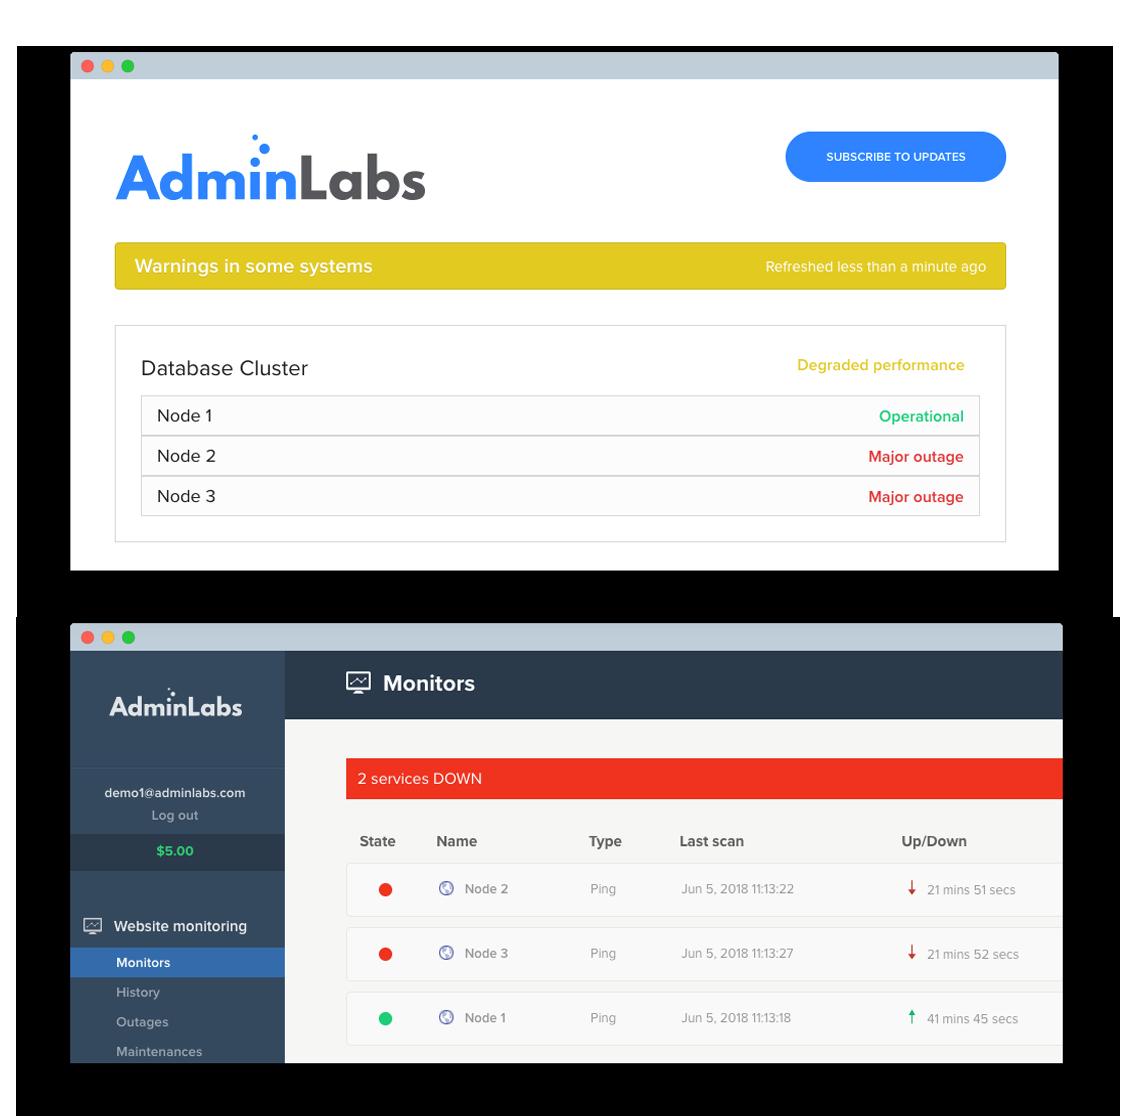 AdminLabs monitors